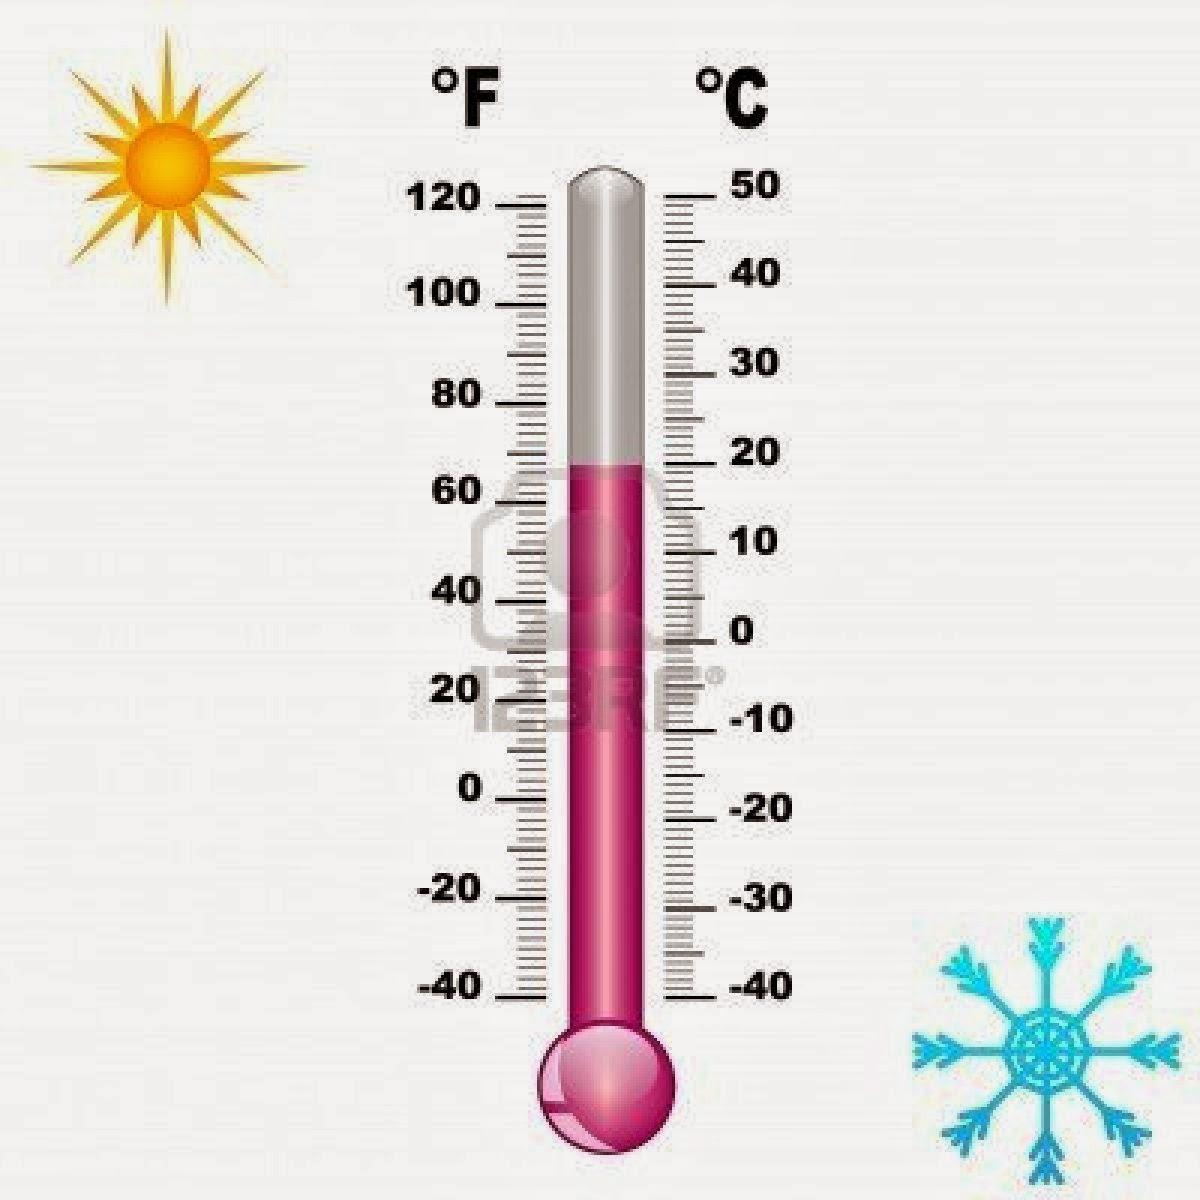 Temperatura atmosferica con que se mide